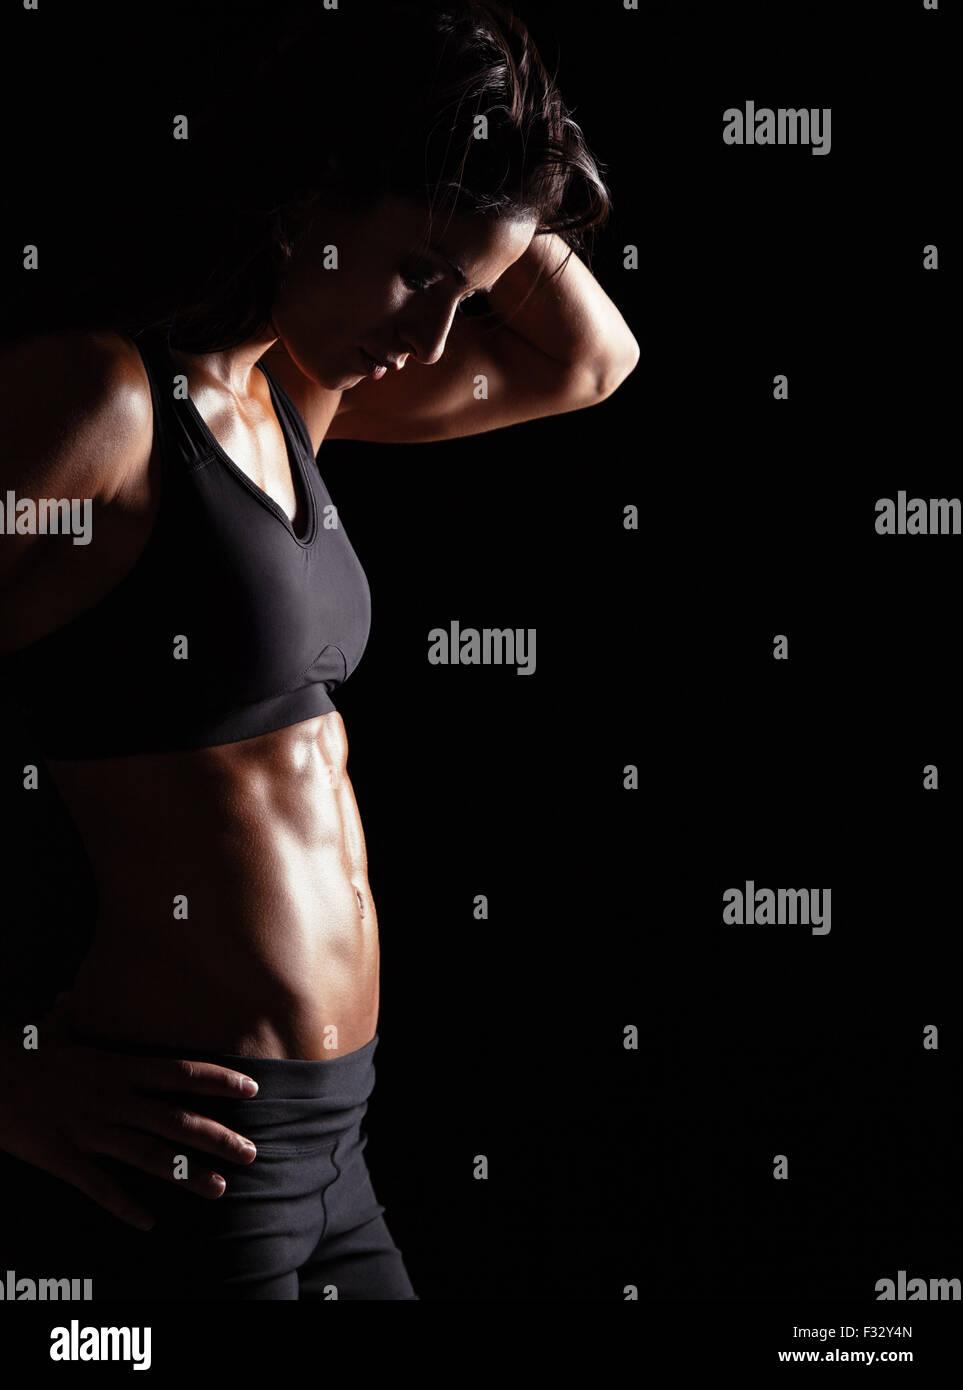 Montare la donna con la sua mano sui fianchi. Femmina con corpo muscoloso su sfondo nero. Immagini Stock